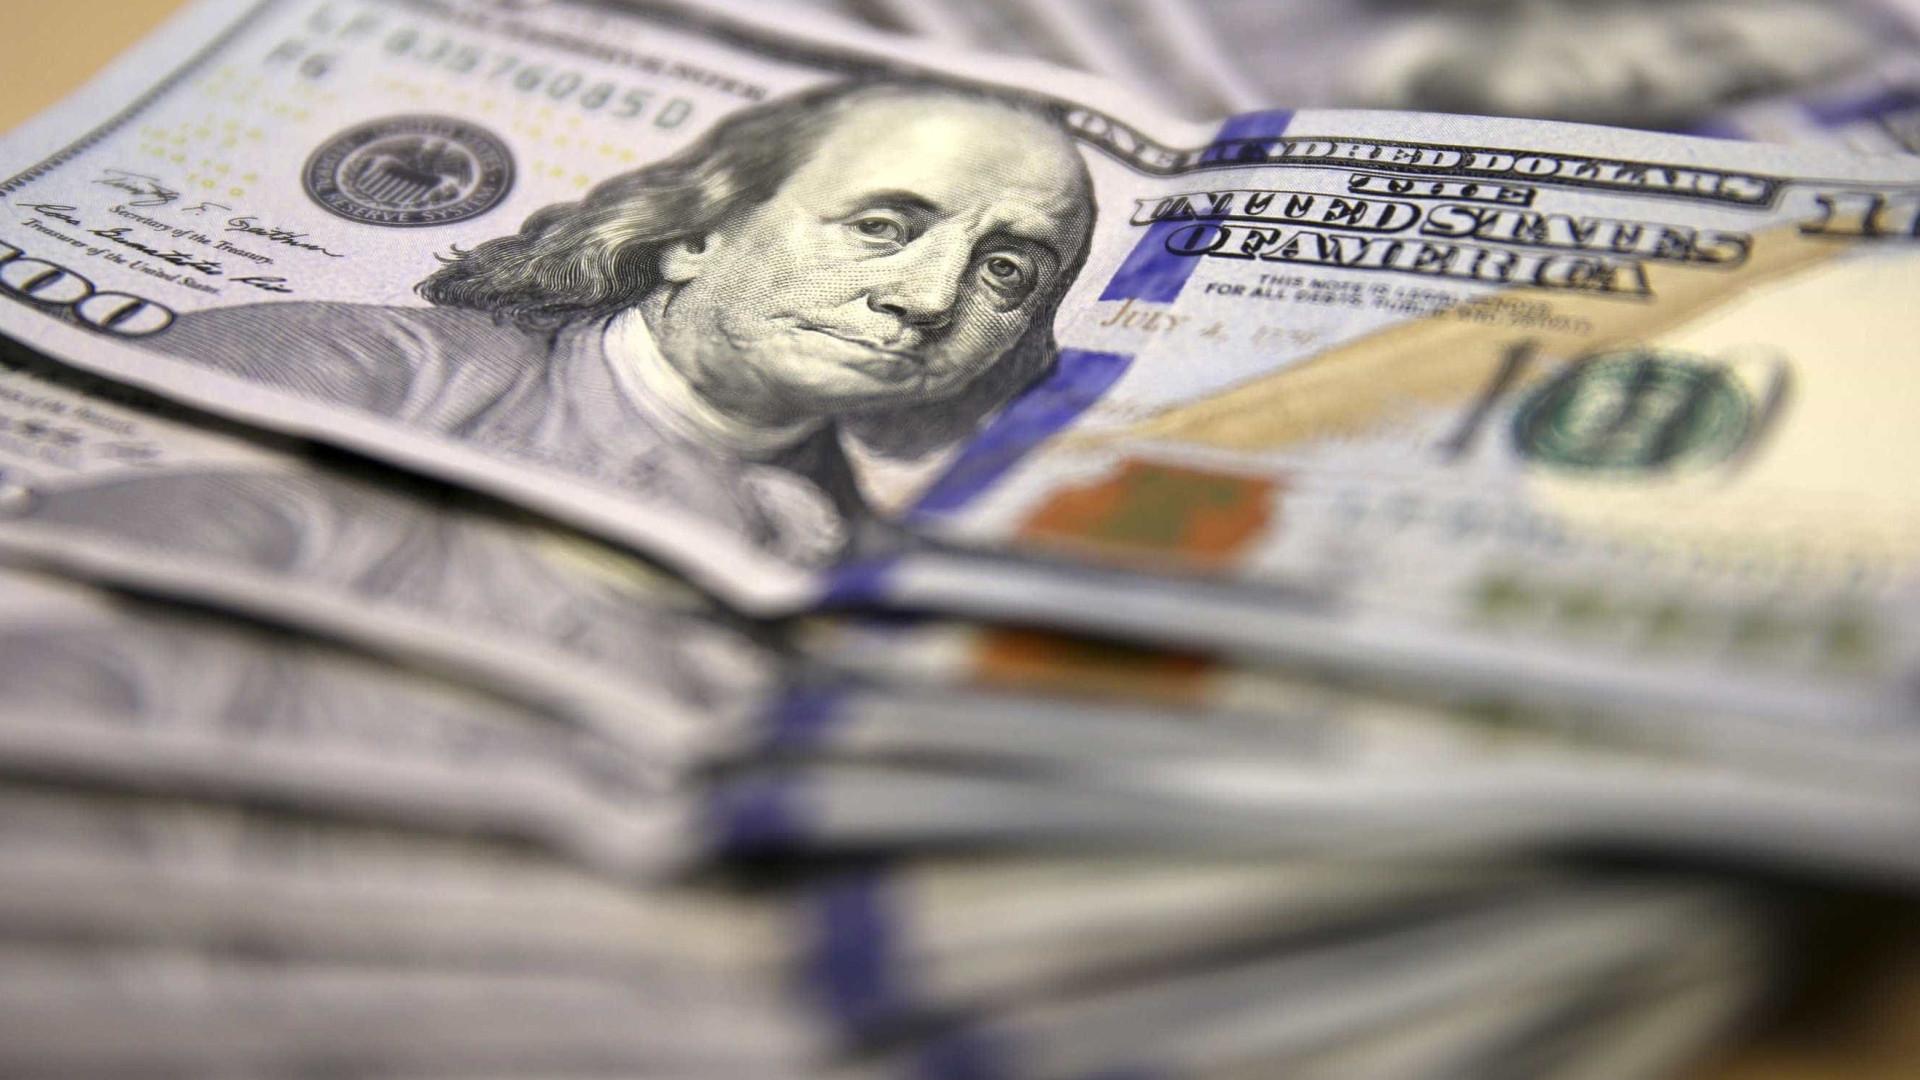 Casal será julgado por gastar dinheiro que banco depositou por engano